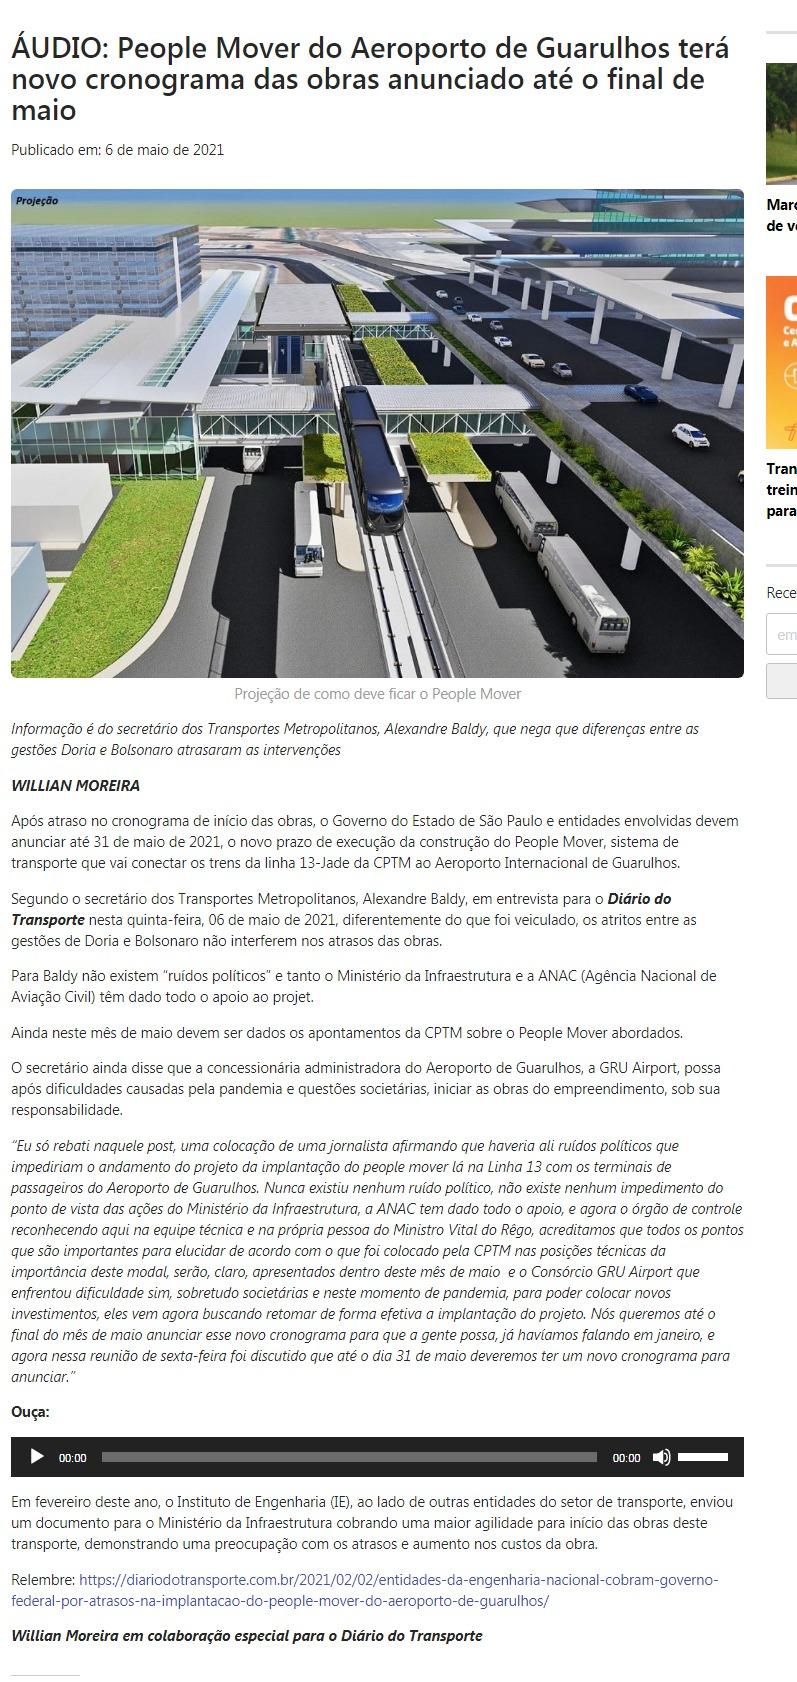 ÁUDIO: People Mover do Aeroporto de Guarulhos terá novo cronograma das obras anunciado até o final de maio - Diário do Transporte